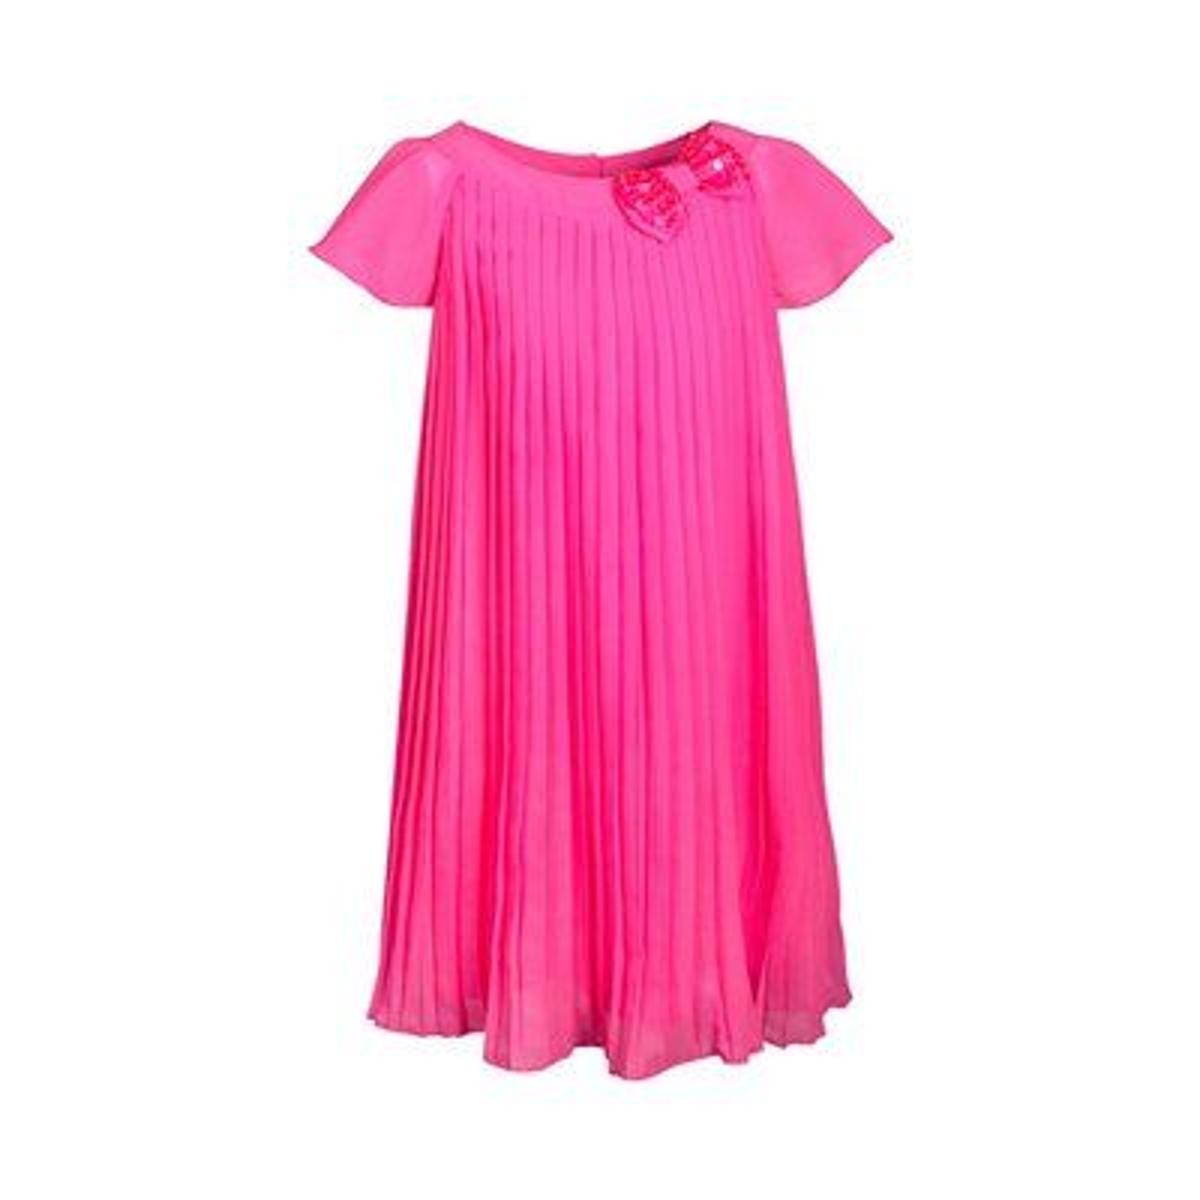 Eisend Robe plissée manches à ailettes robe bébé